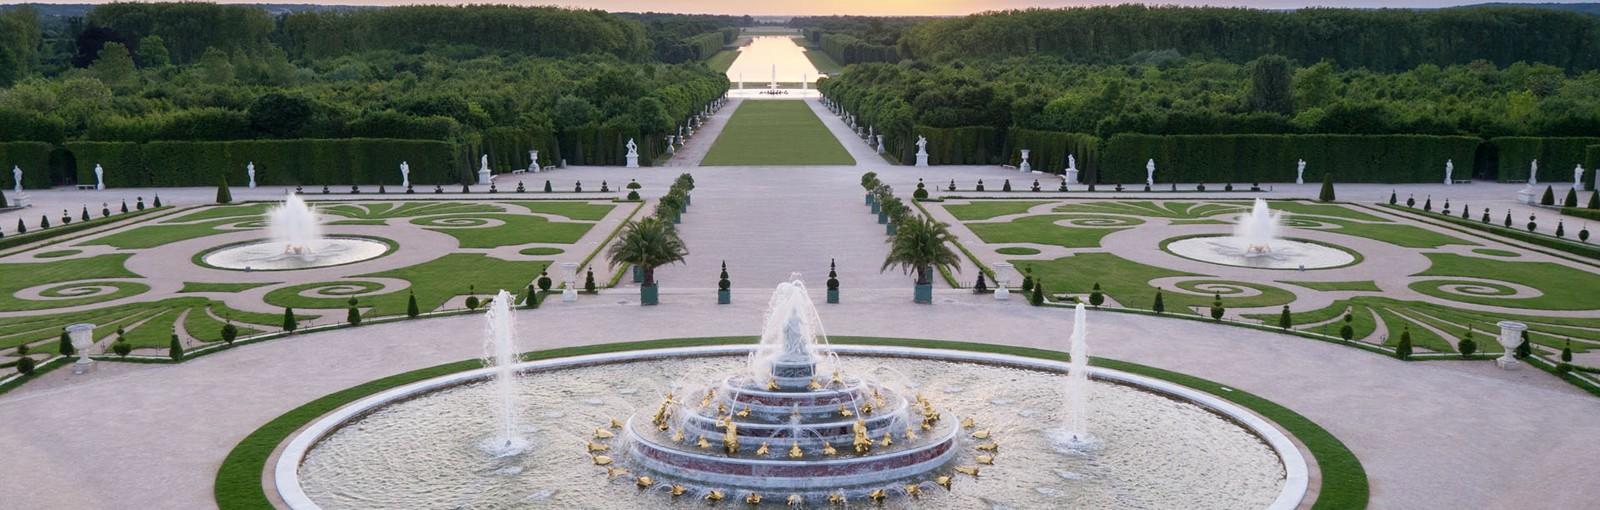 Tours Versalles - Medio-días - Excursiones desde París